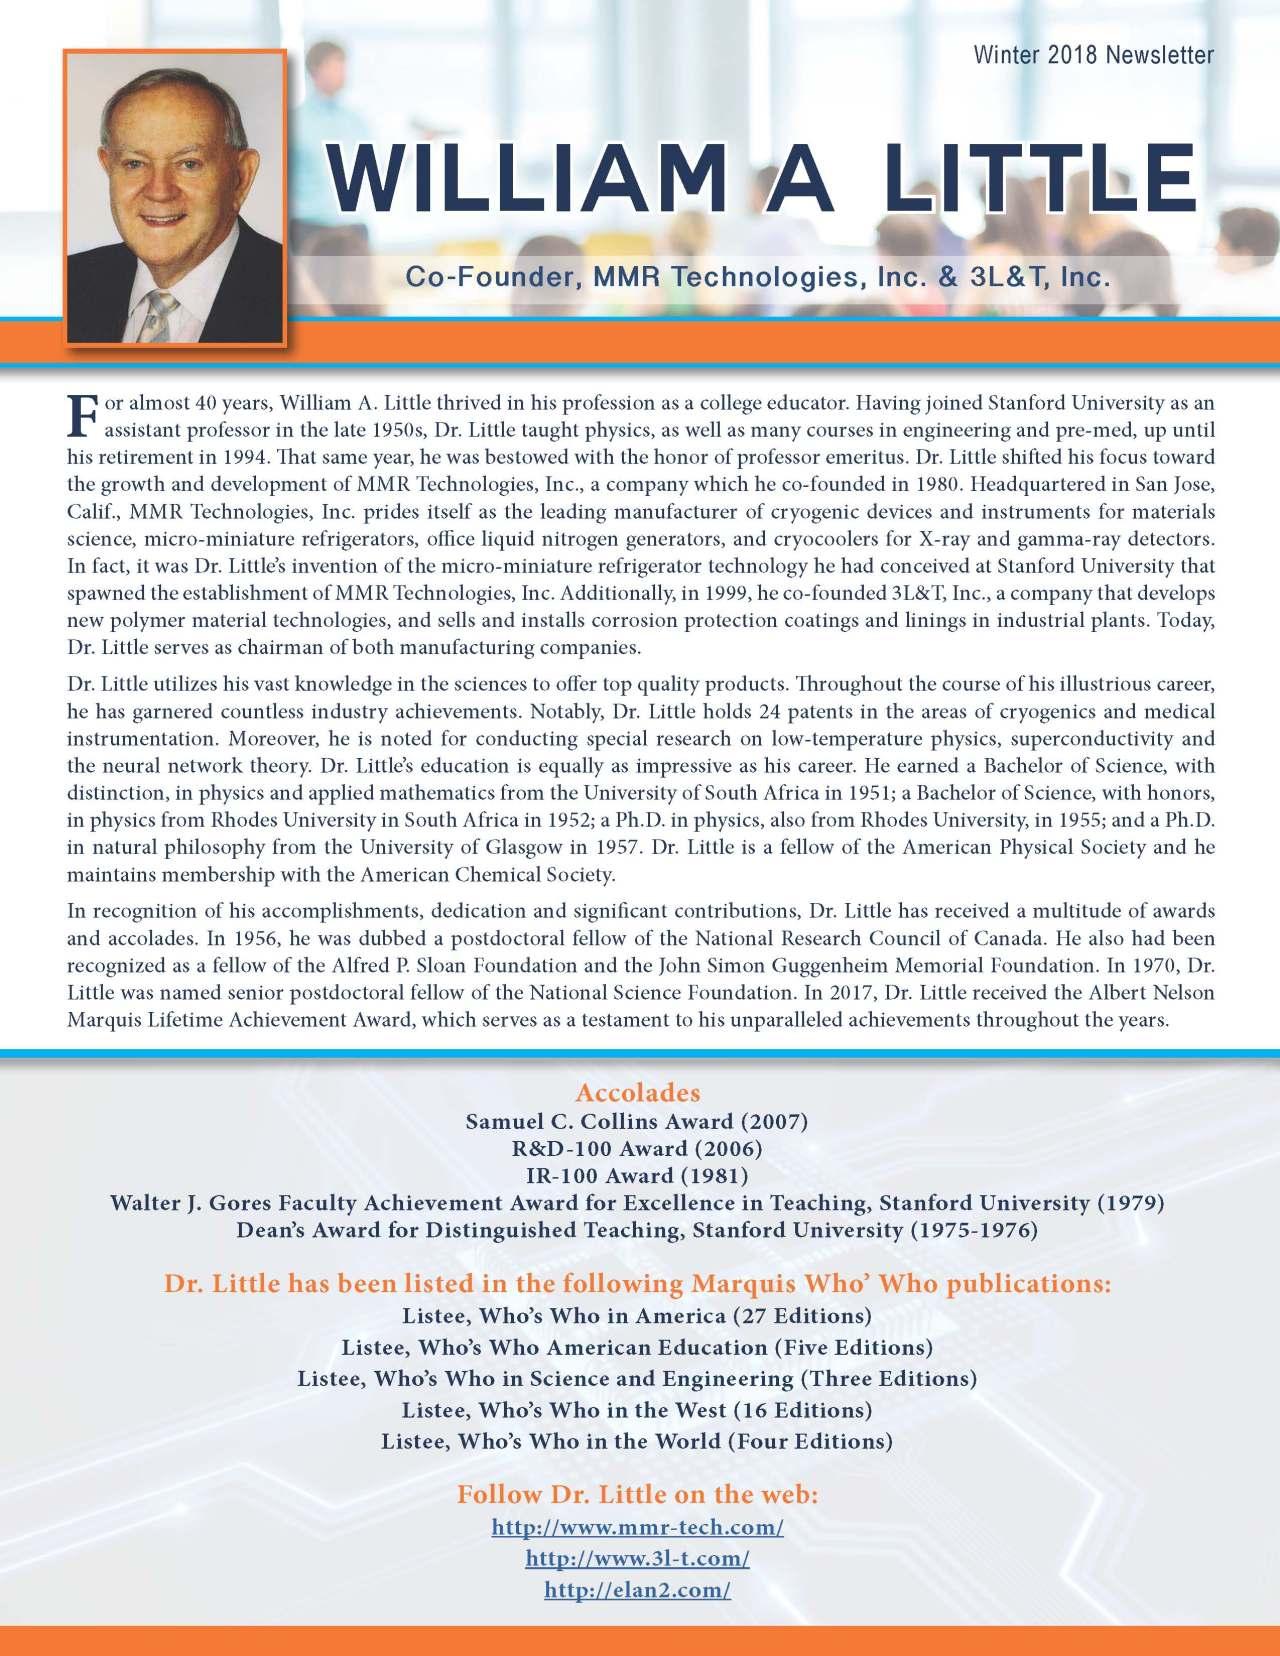 Little, William 2211531_2487360 Newsletter.jpg